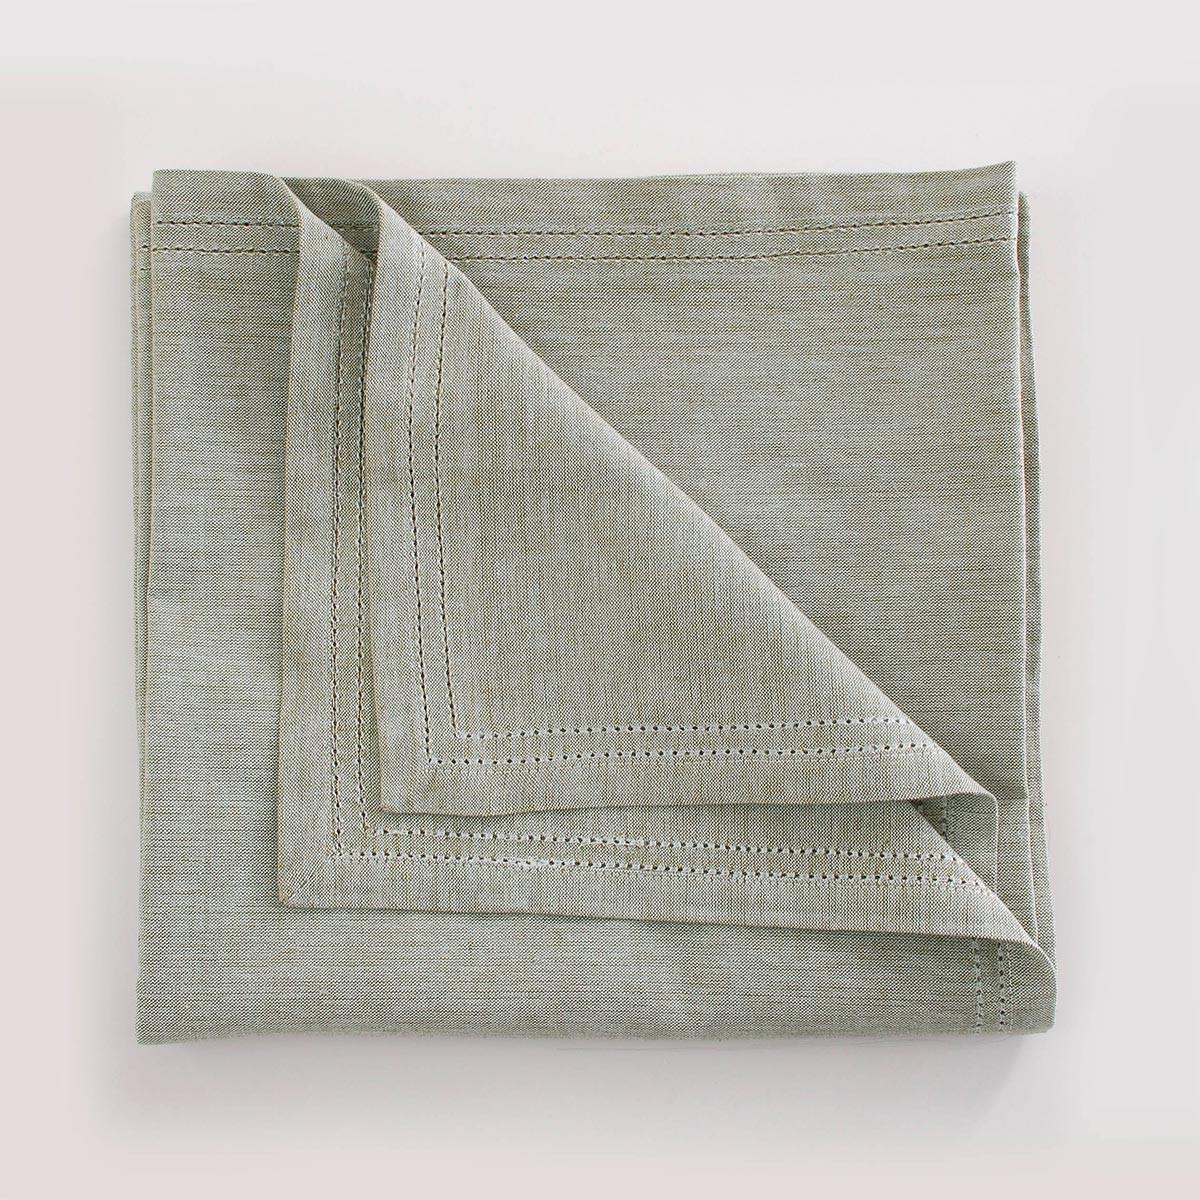 Τραπεζομάντηλο (140x220) Rythmos Alkmini